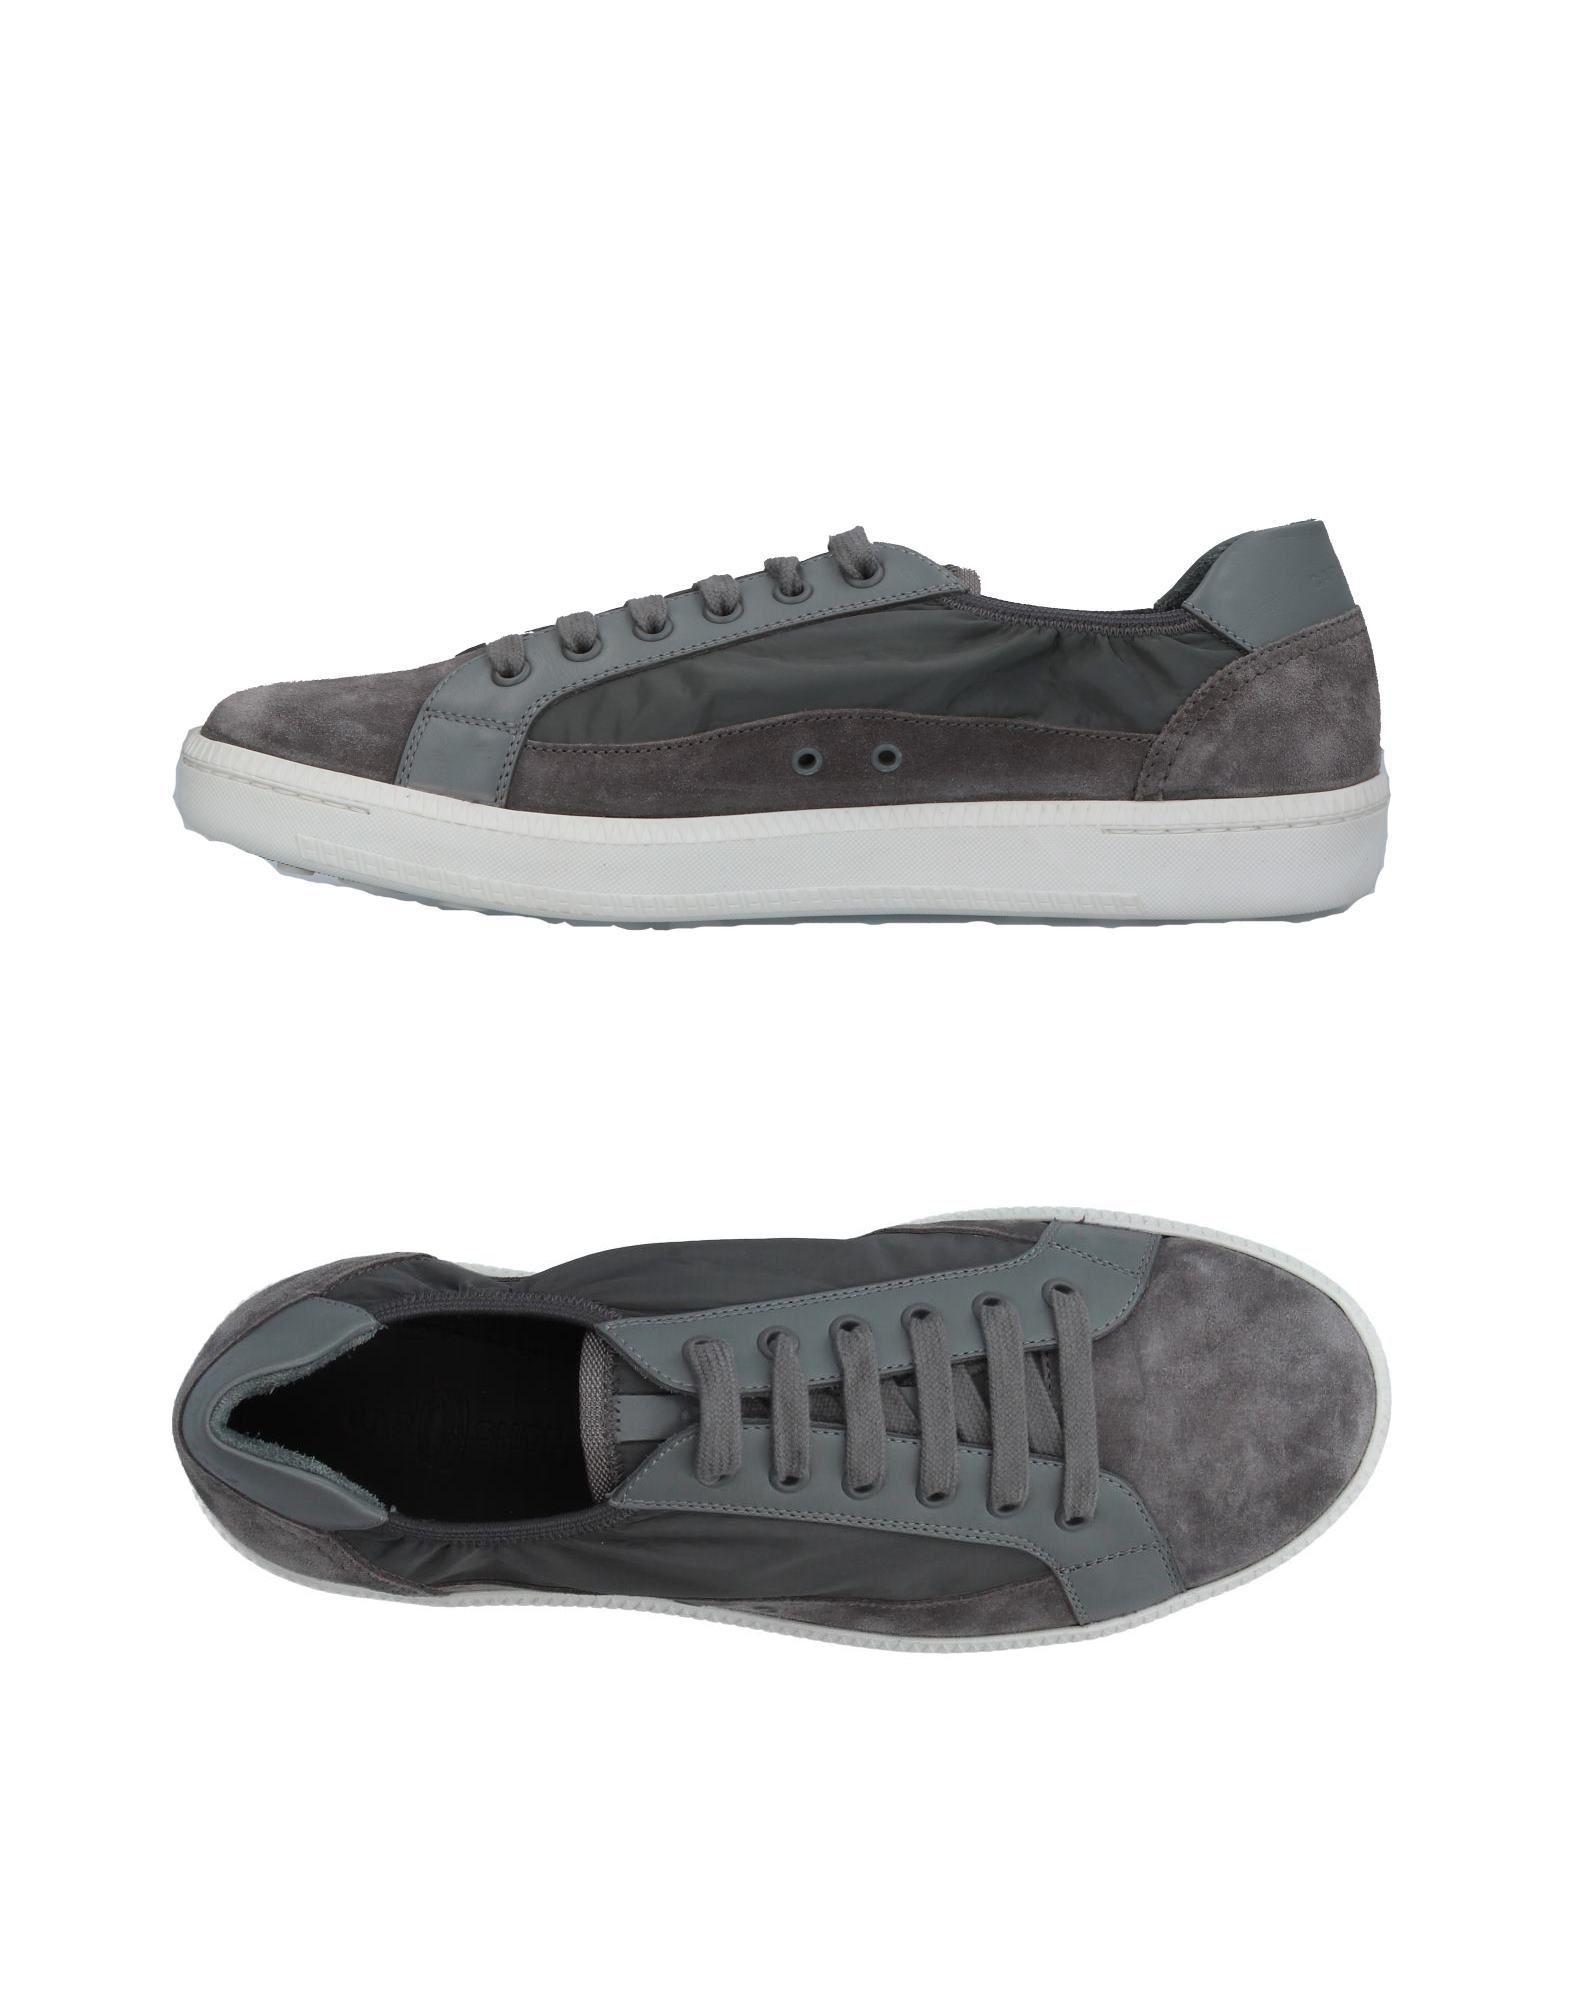 Rabatt echte Schuhe Carshoe Sneakers Herren  11367605FD 11367605FD  37a6c3